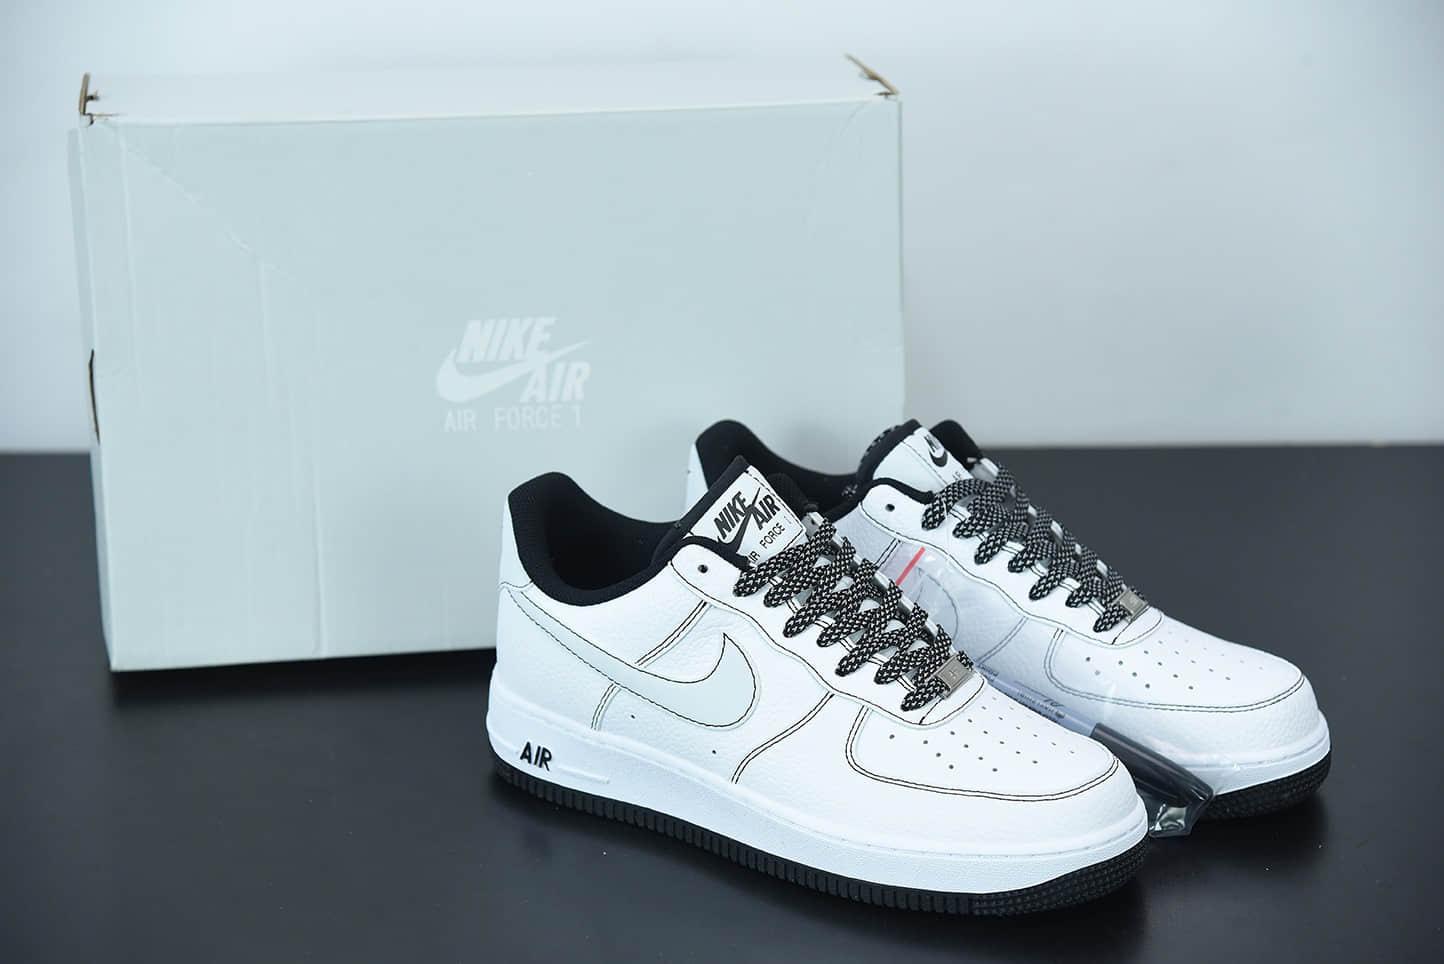 耐克 Nike Air Force 1 '07 黑白反光缝线空军一号低帮经典板鞋纯原版本 货号:CN2896-104